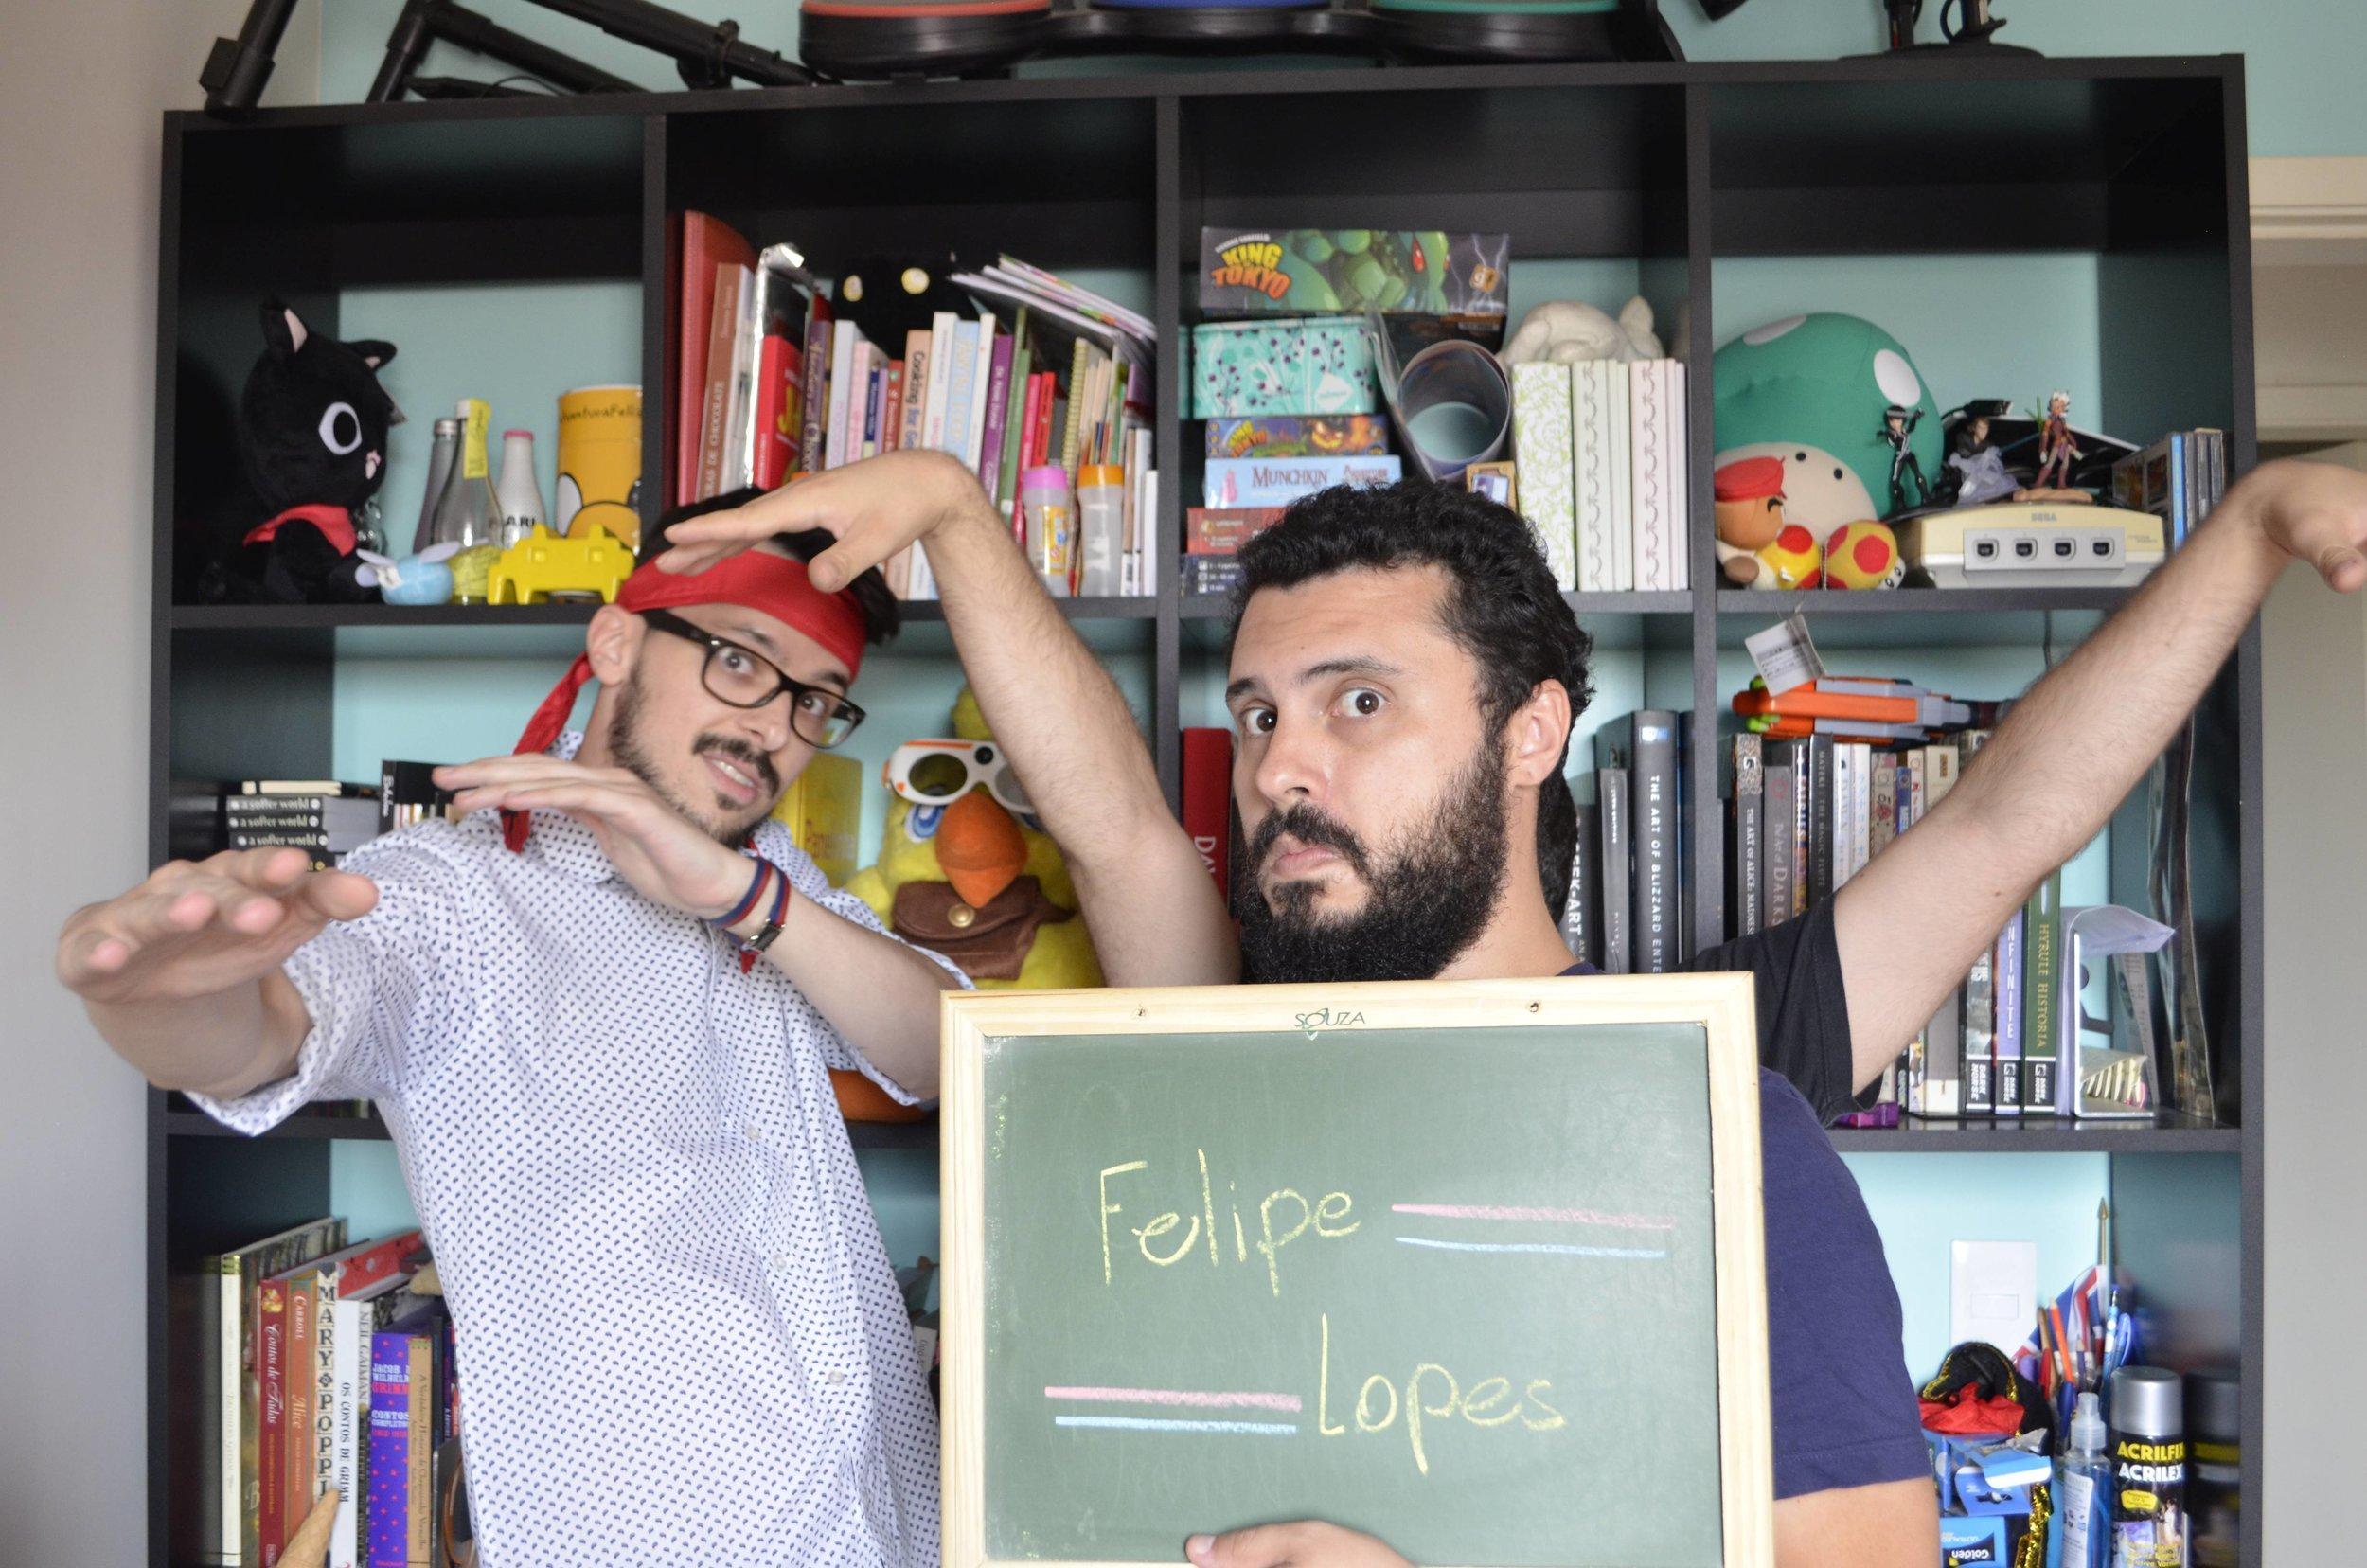 Felipe-Lopes.jpg